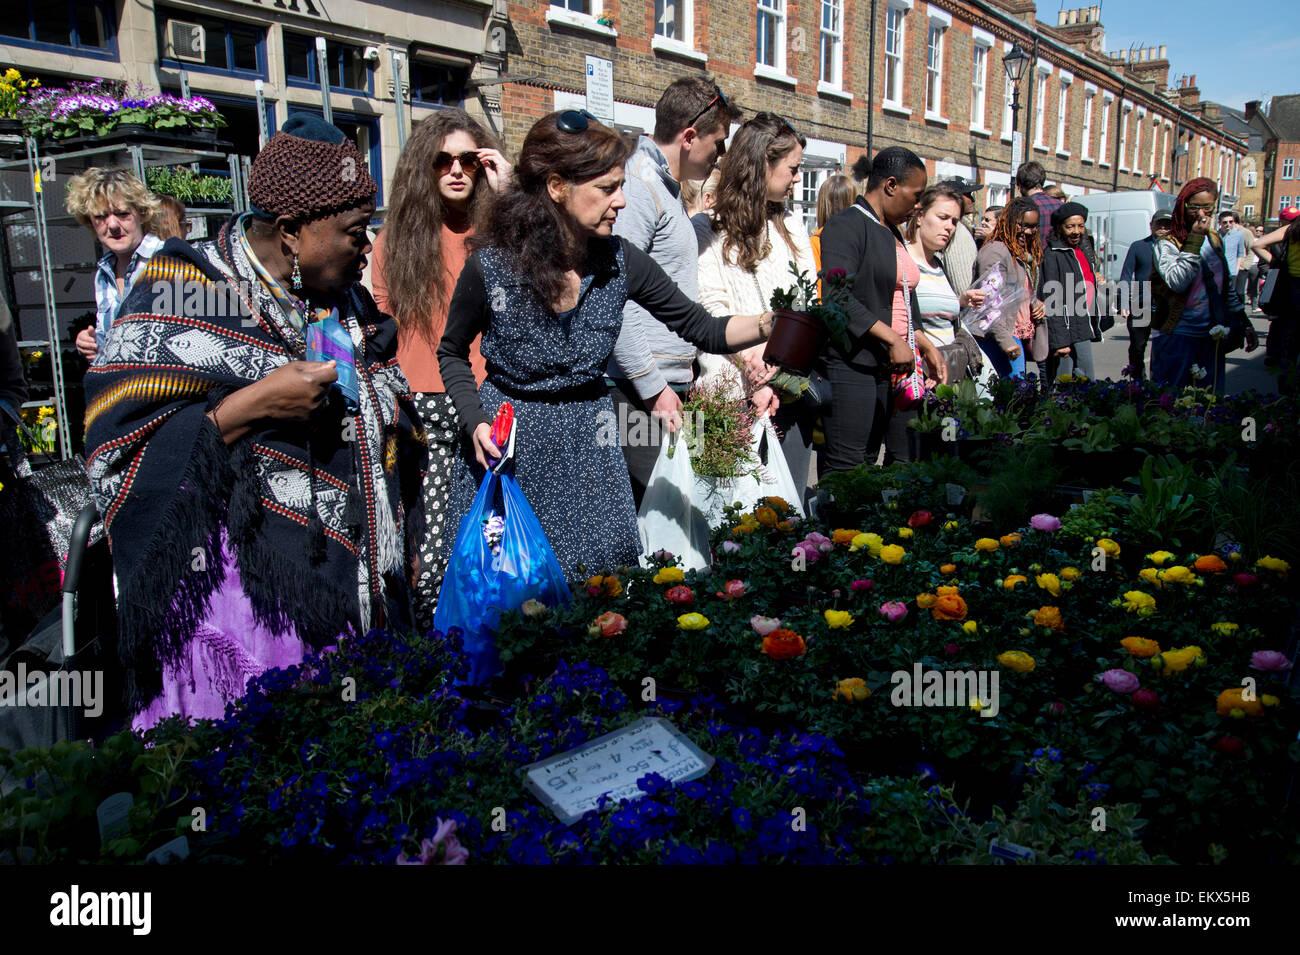 Columbia Road dimanche marché aux fleurs, printemps 2015. Les clients choisissent les plantes. Photo Stock